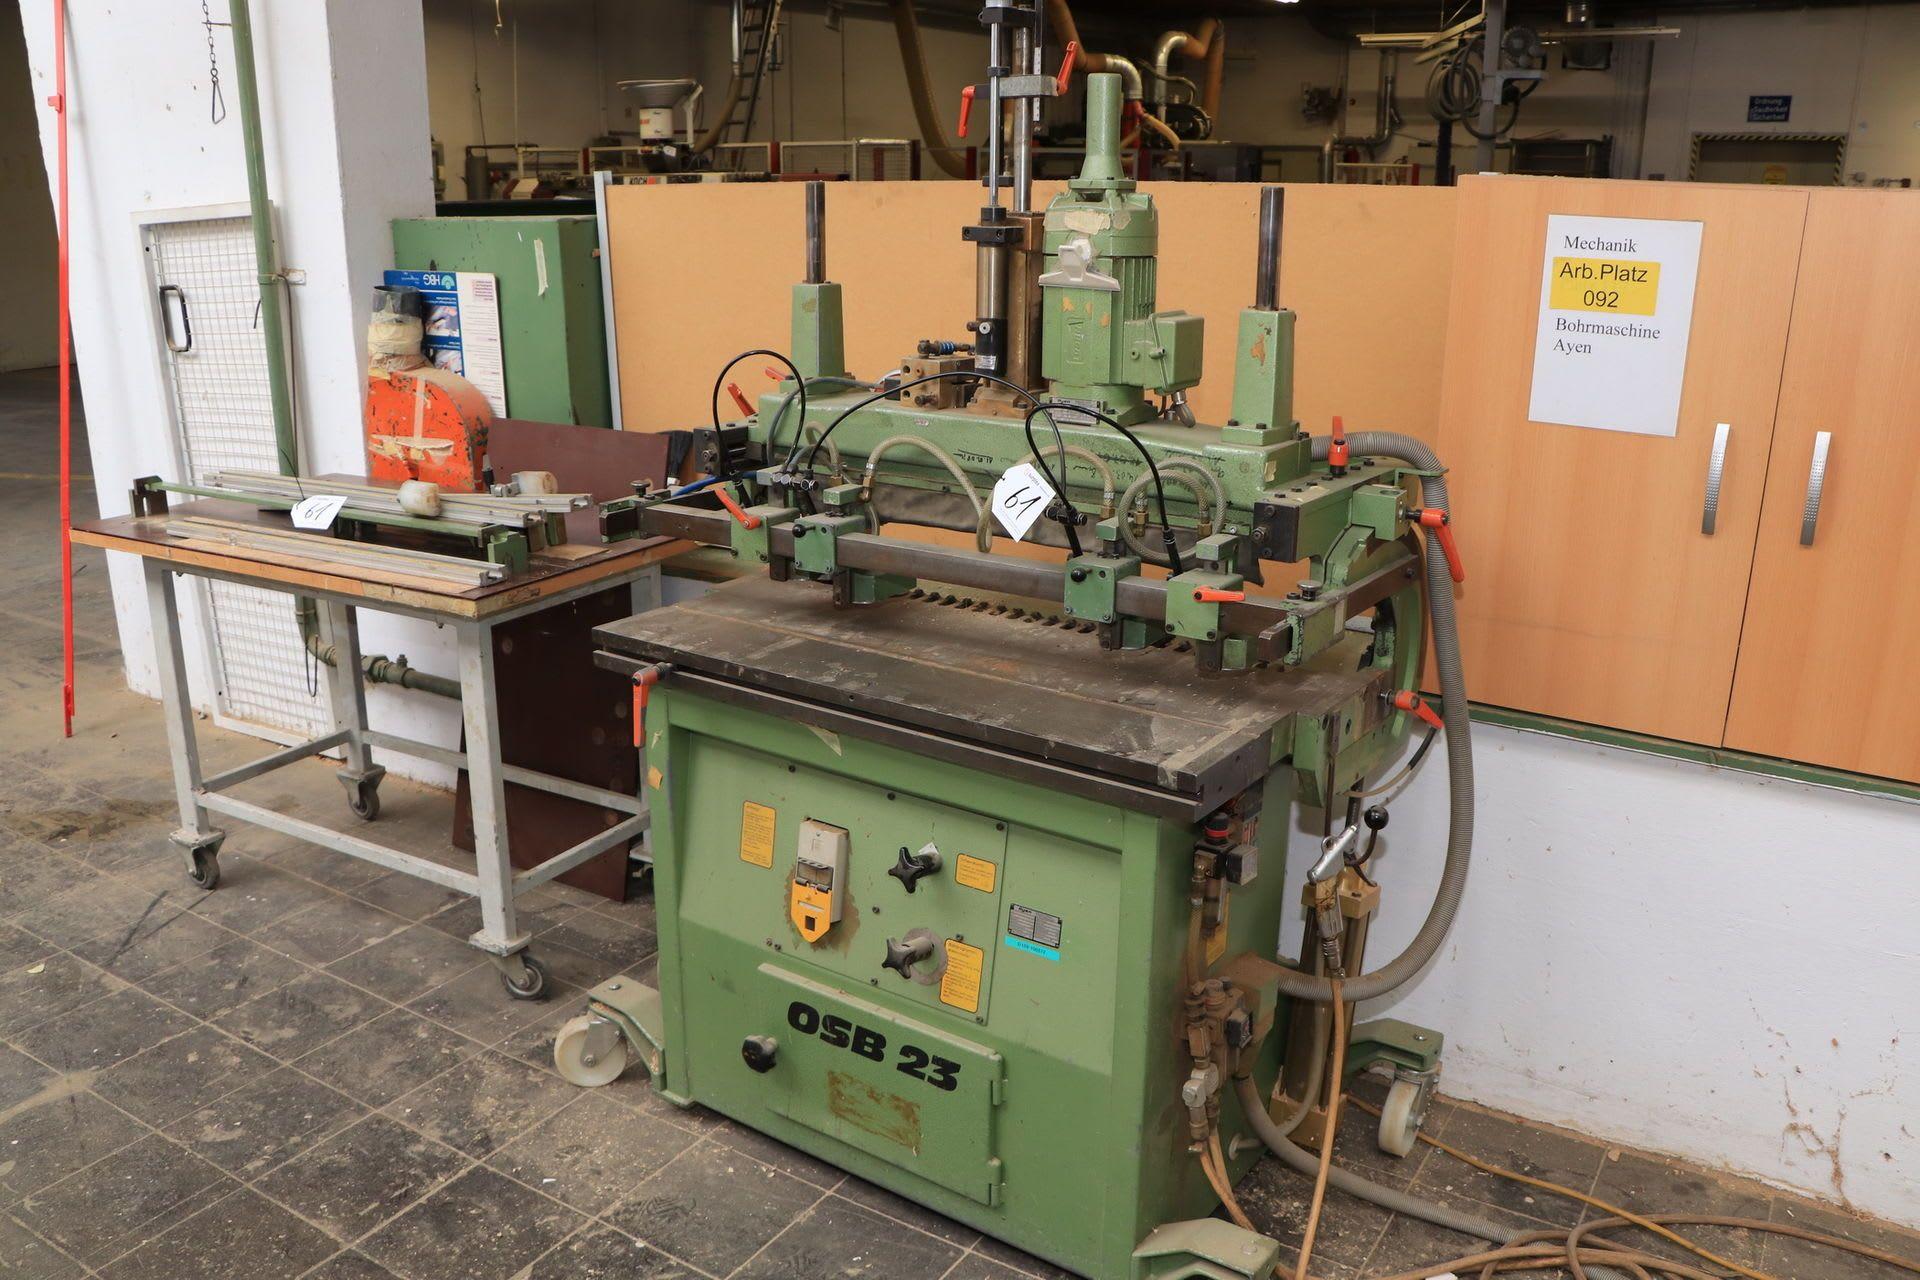 AYEN OSB 23 Reihenloch-Bohrmaschine